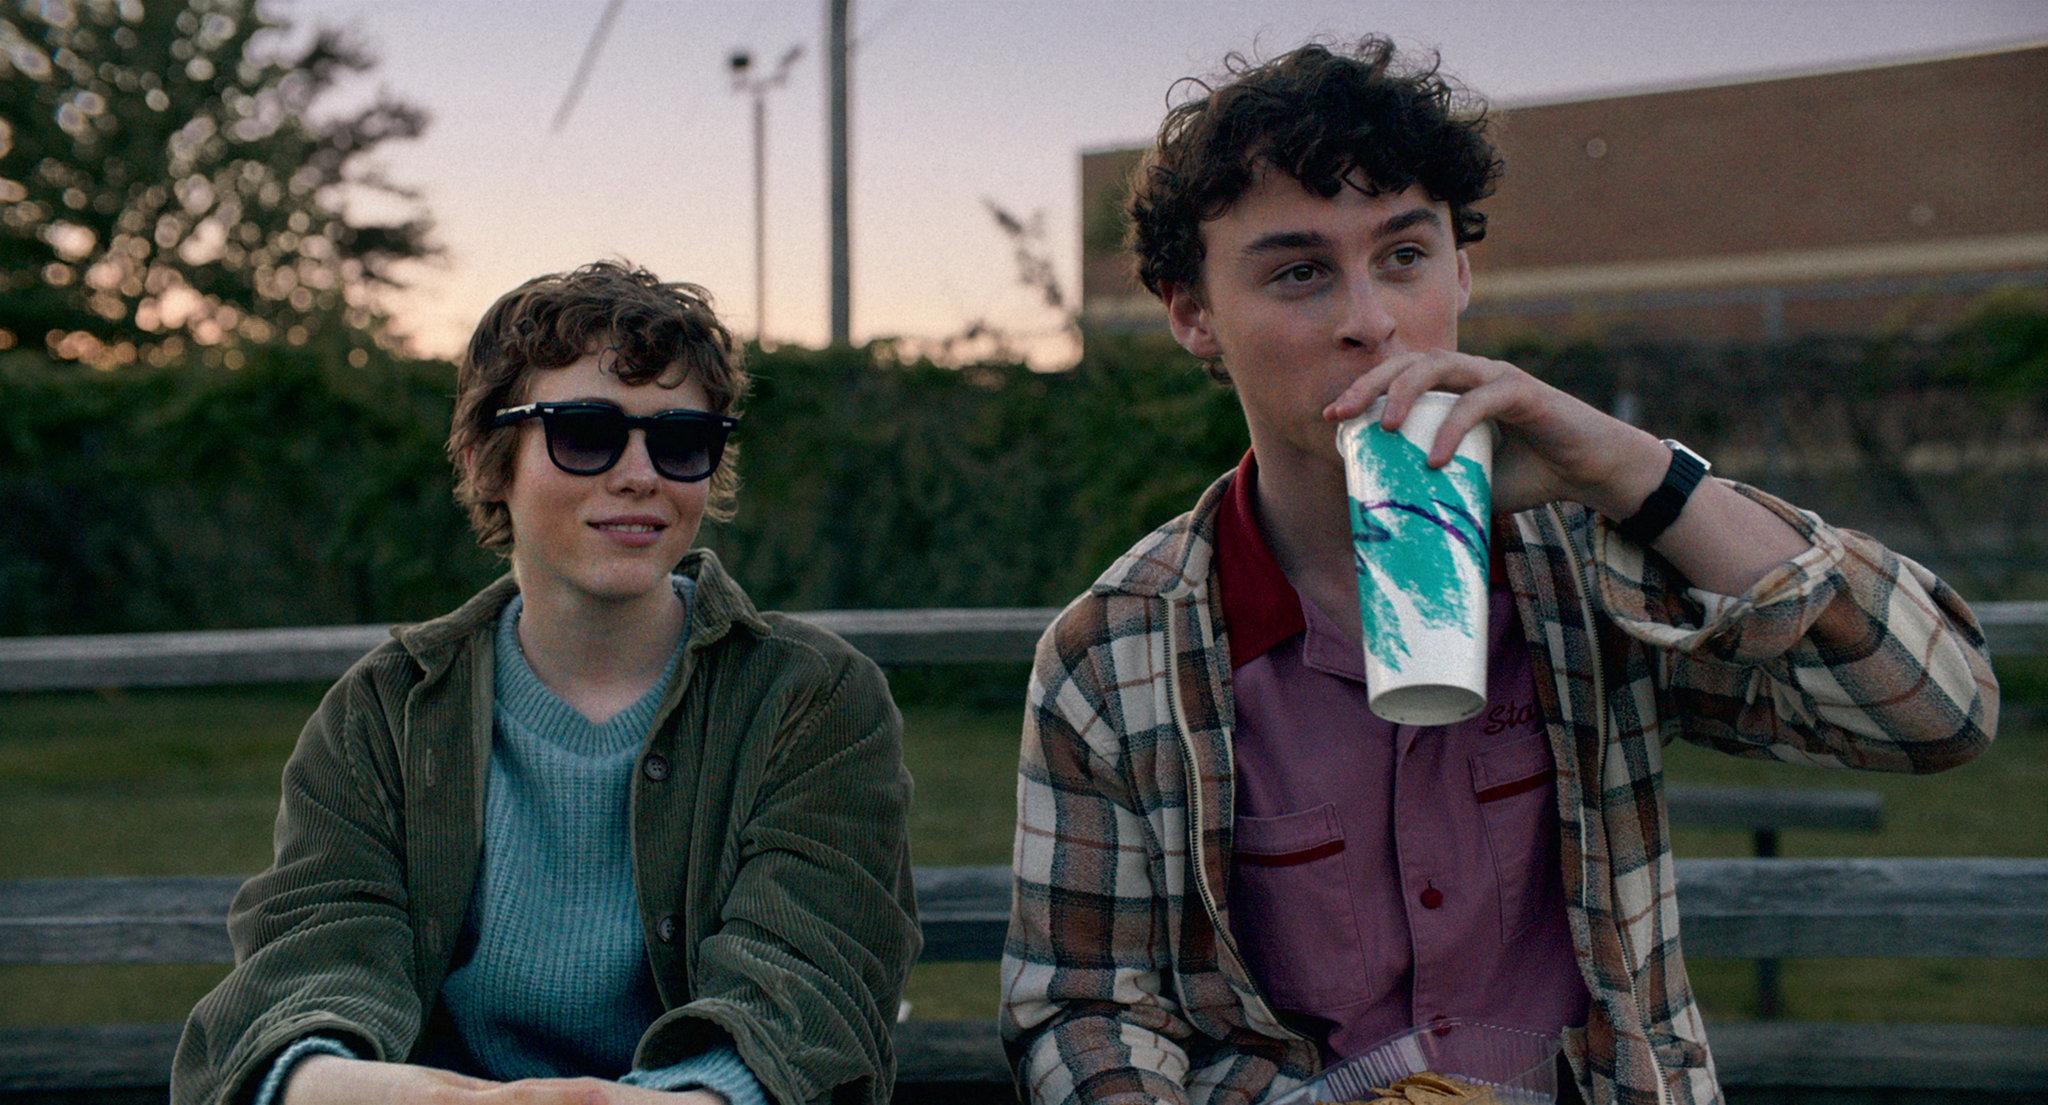 อัปเดตหนังและซีรีส์น่าดูบน Netflix ช่วงนี้